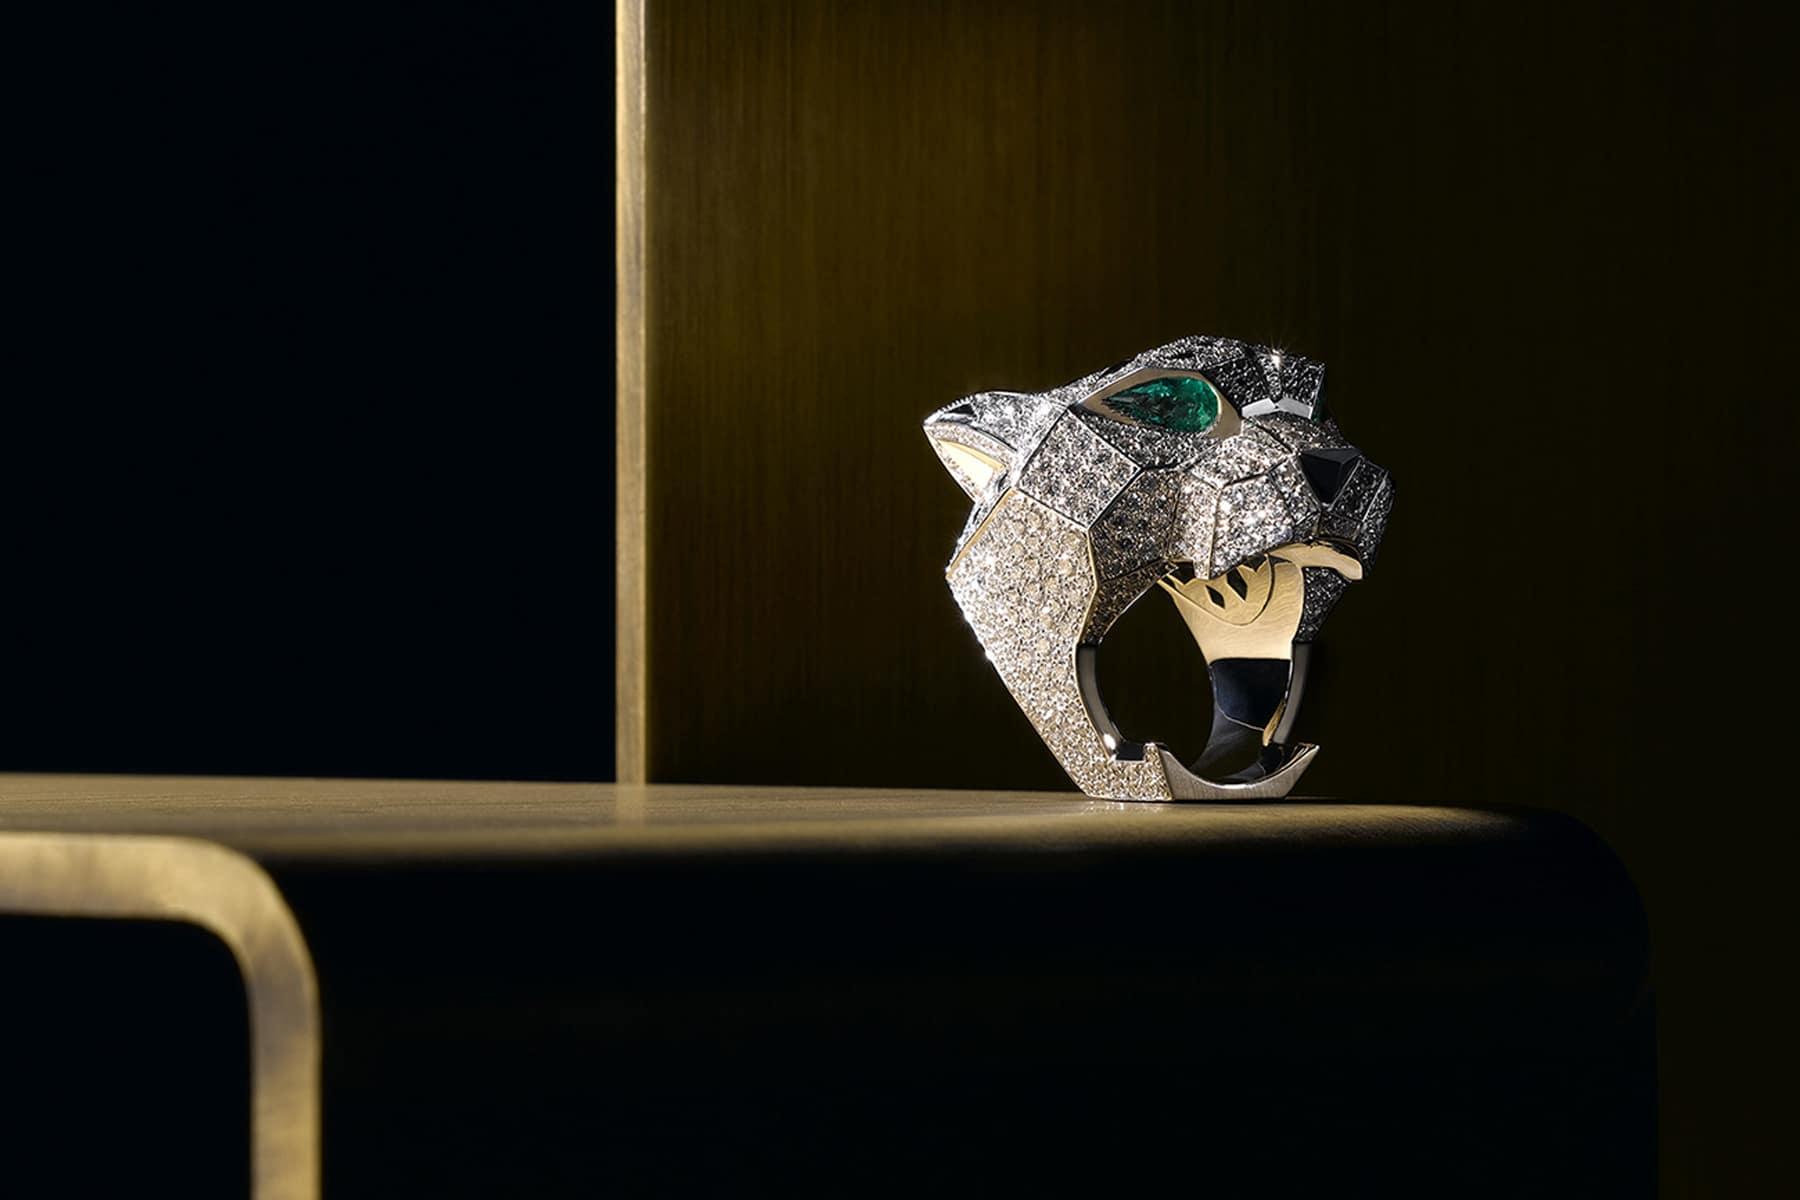 Photographe d'ambiance nature morte - Haute Joaillerie Cartier - Digital Chic - © Crédit Photo Katel Riou pour Cartier - Tous droits réservés